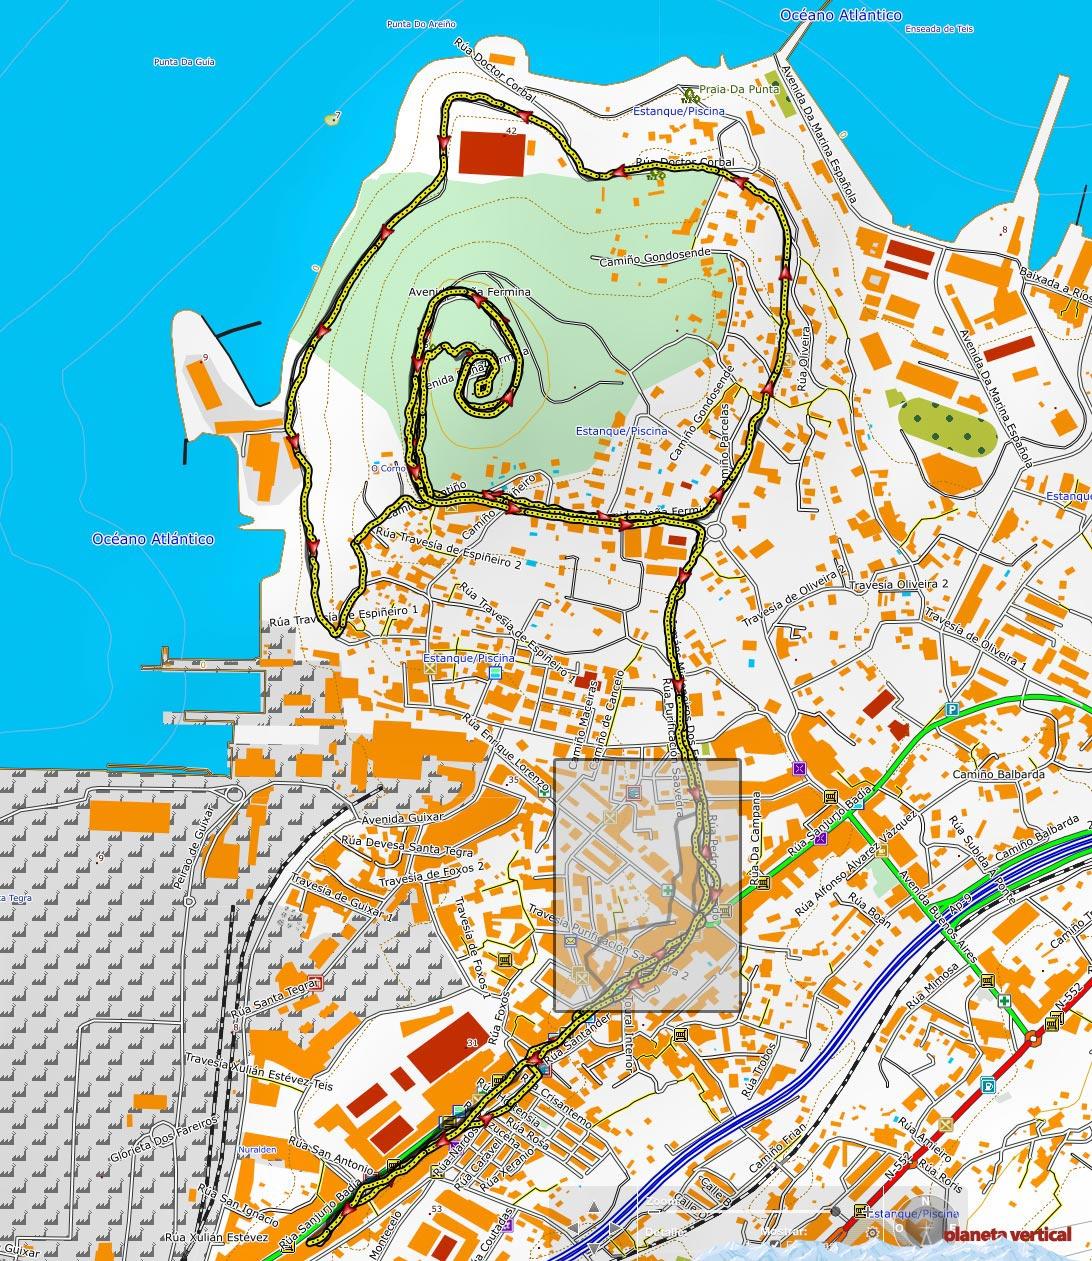 Comparativa Garmin Fenix 3 y Garmin Öregon GPS urbano